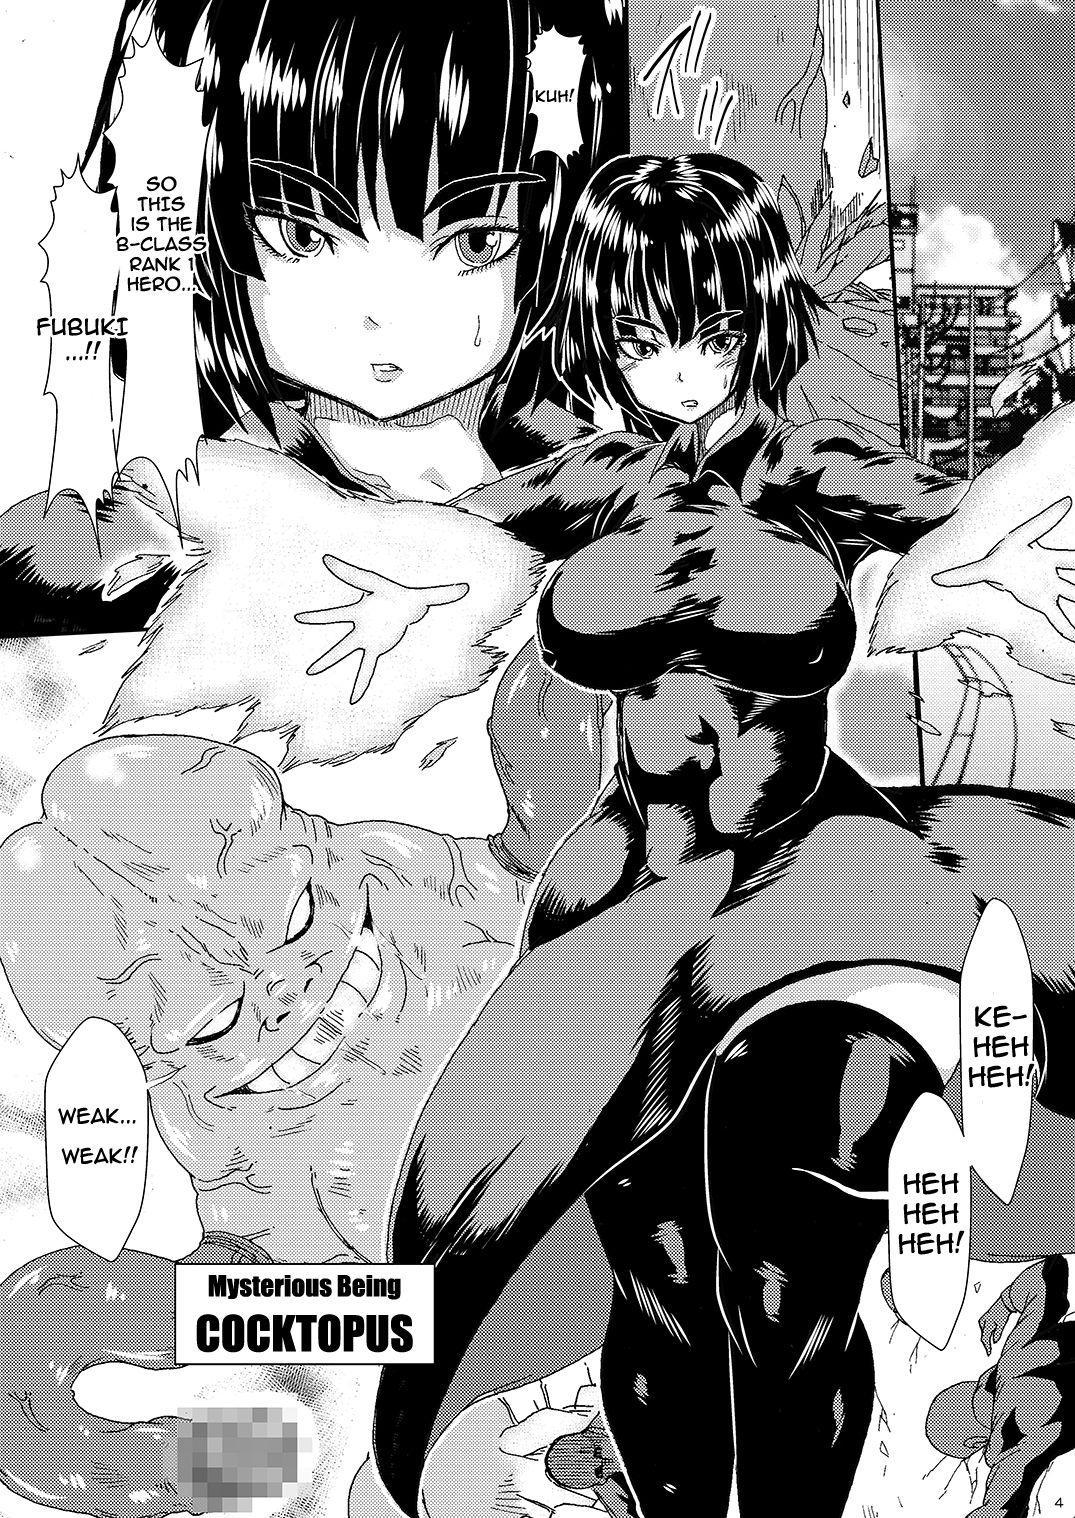 [Yuzuponz (Sakokichi)] IN RAN-WOMEN Kairaku ni Ochiru Shimai   Nympho-Women Sisters Falling into Ecstasy (One Punch Man) [English] [Jashinslayer] [Digital] 2